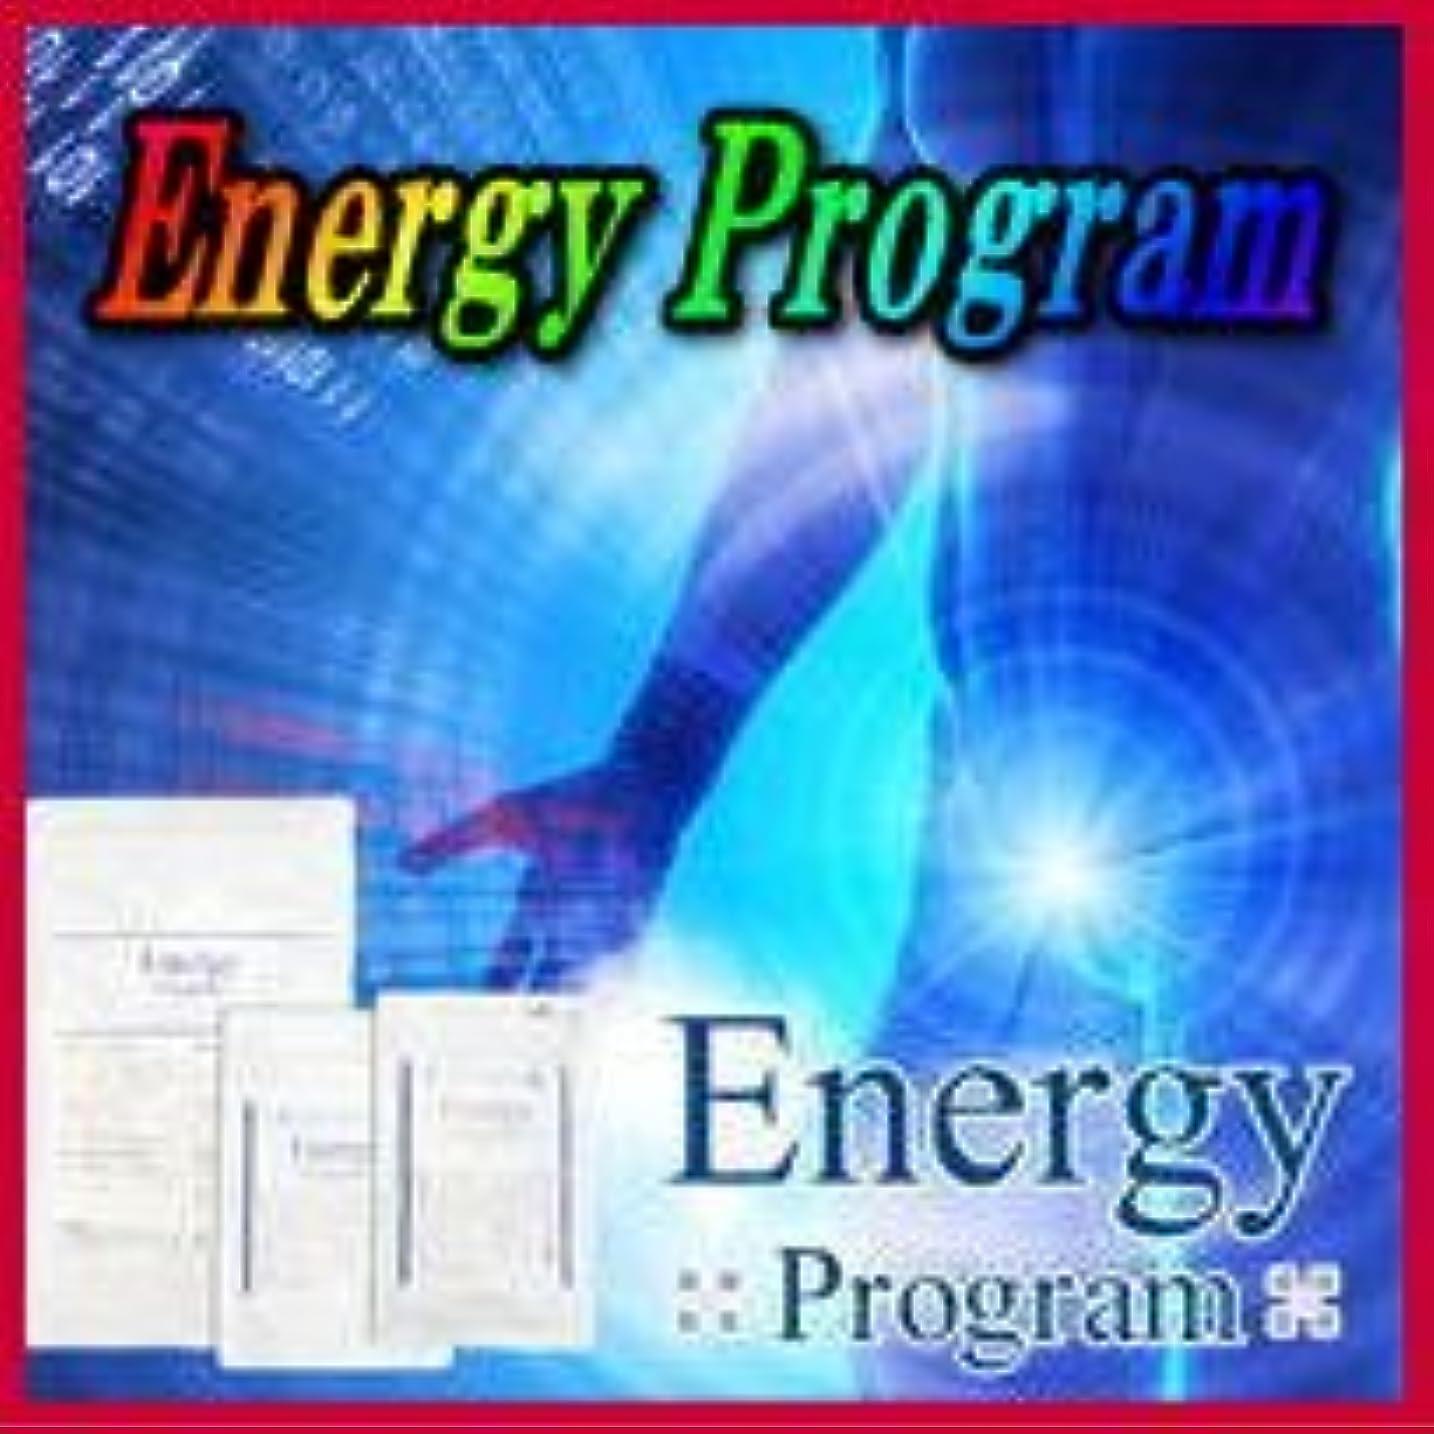 またはどちらか悲観主義者補う★Energy Program(エナジープログラム) サプリ+ドリンク強力融合でシトルリンンとアルギニンが強力コラボ!